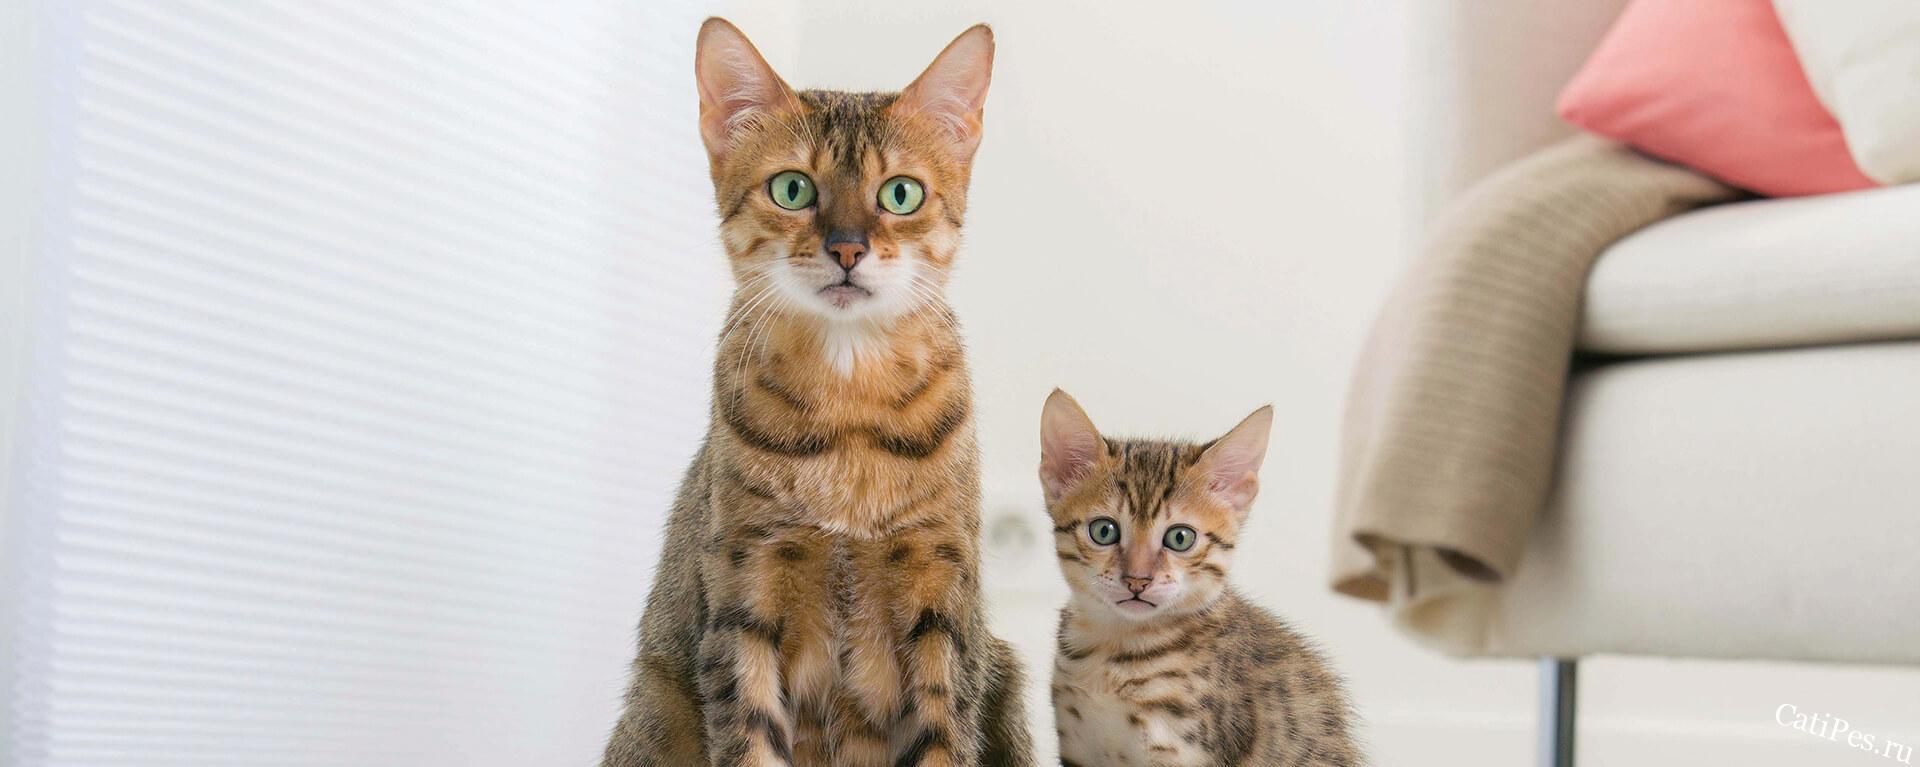 Отлучение котенка от мамы - когда забирать котят